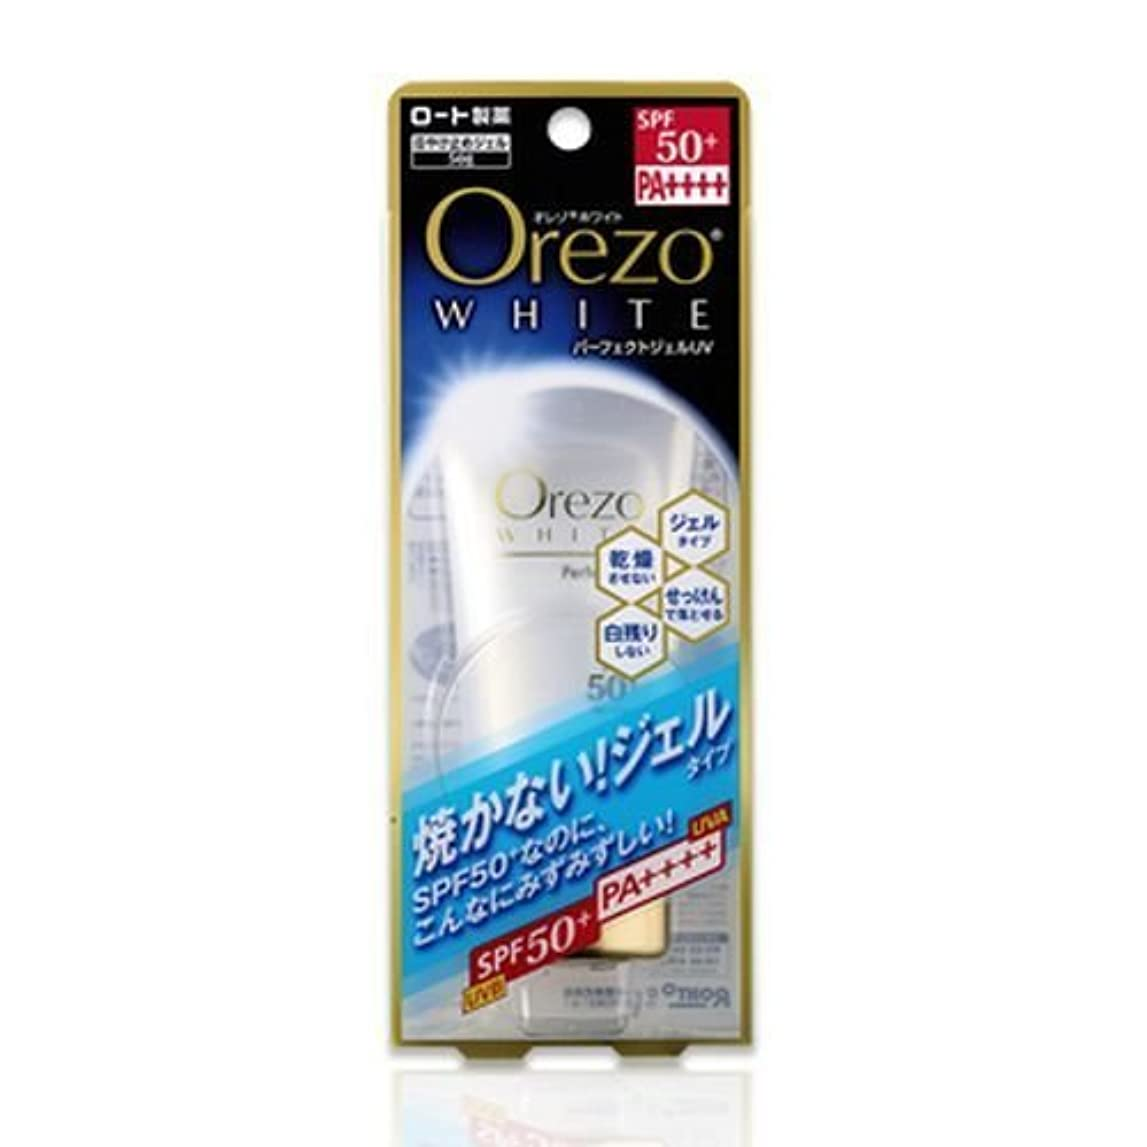 心理学エネルギー権限を与えるロート製薬 Orezo オレゾ ホワイト パーフェクトジェルUV 日やけ止めジェル 顔?からだ用 SPF50+ PA…